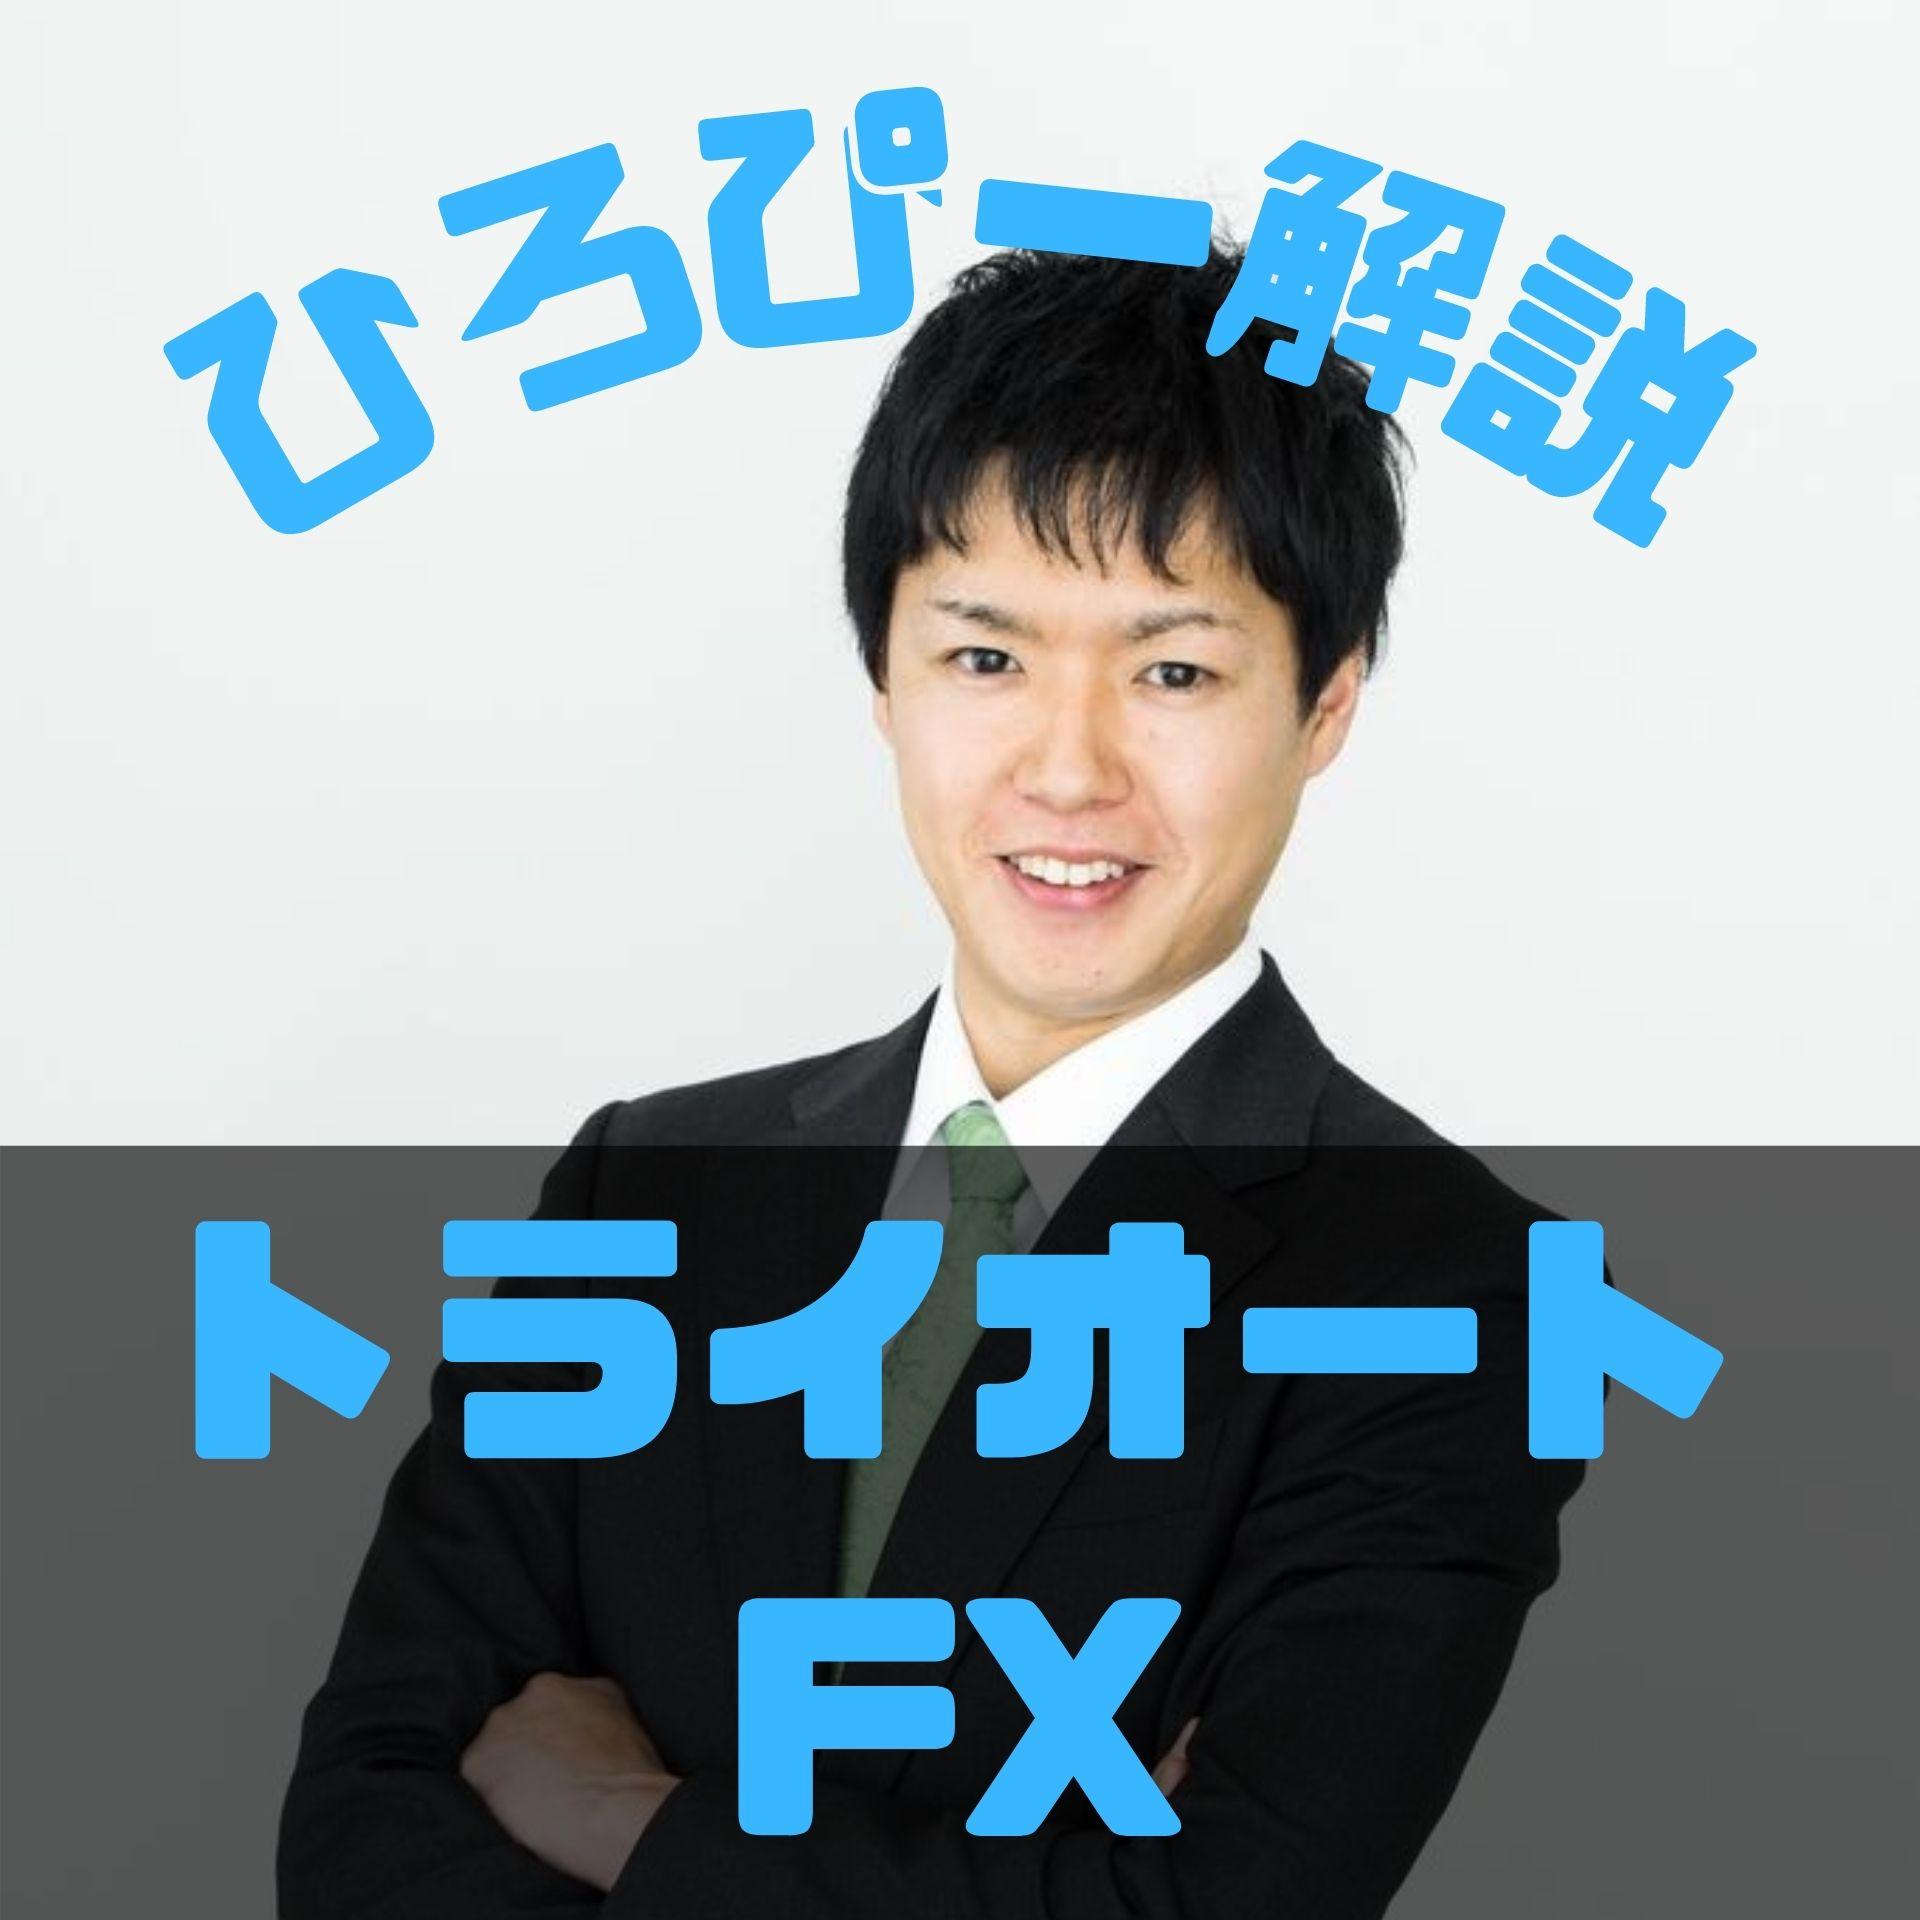 【激アツスワップ】トライオートFXの特徴って?専門家ひろぴーがスペック・特徴を要点解説!